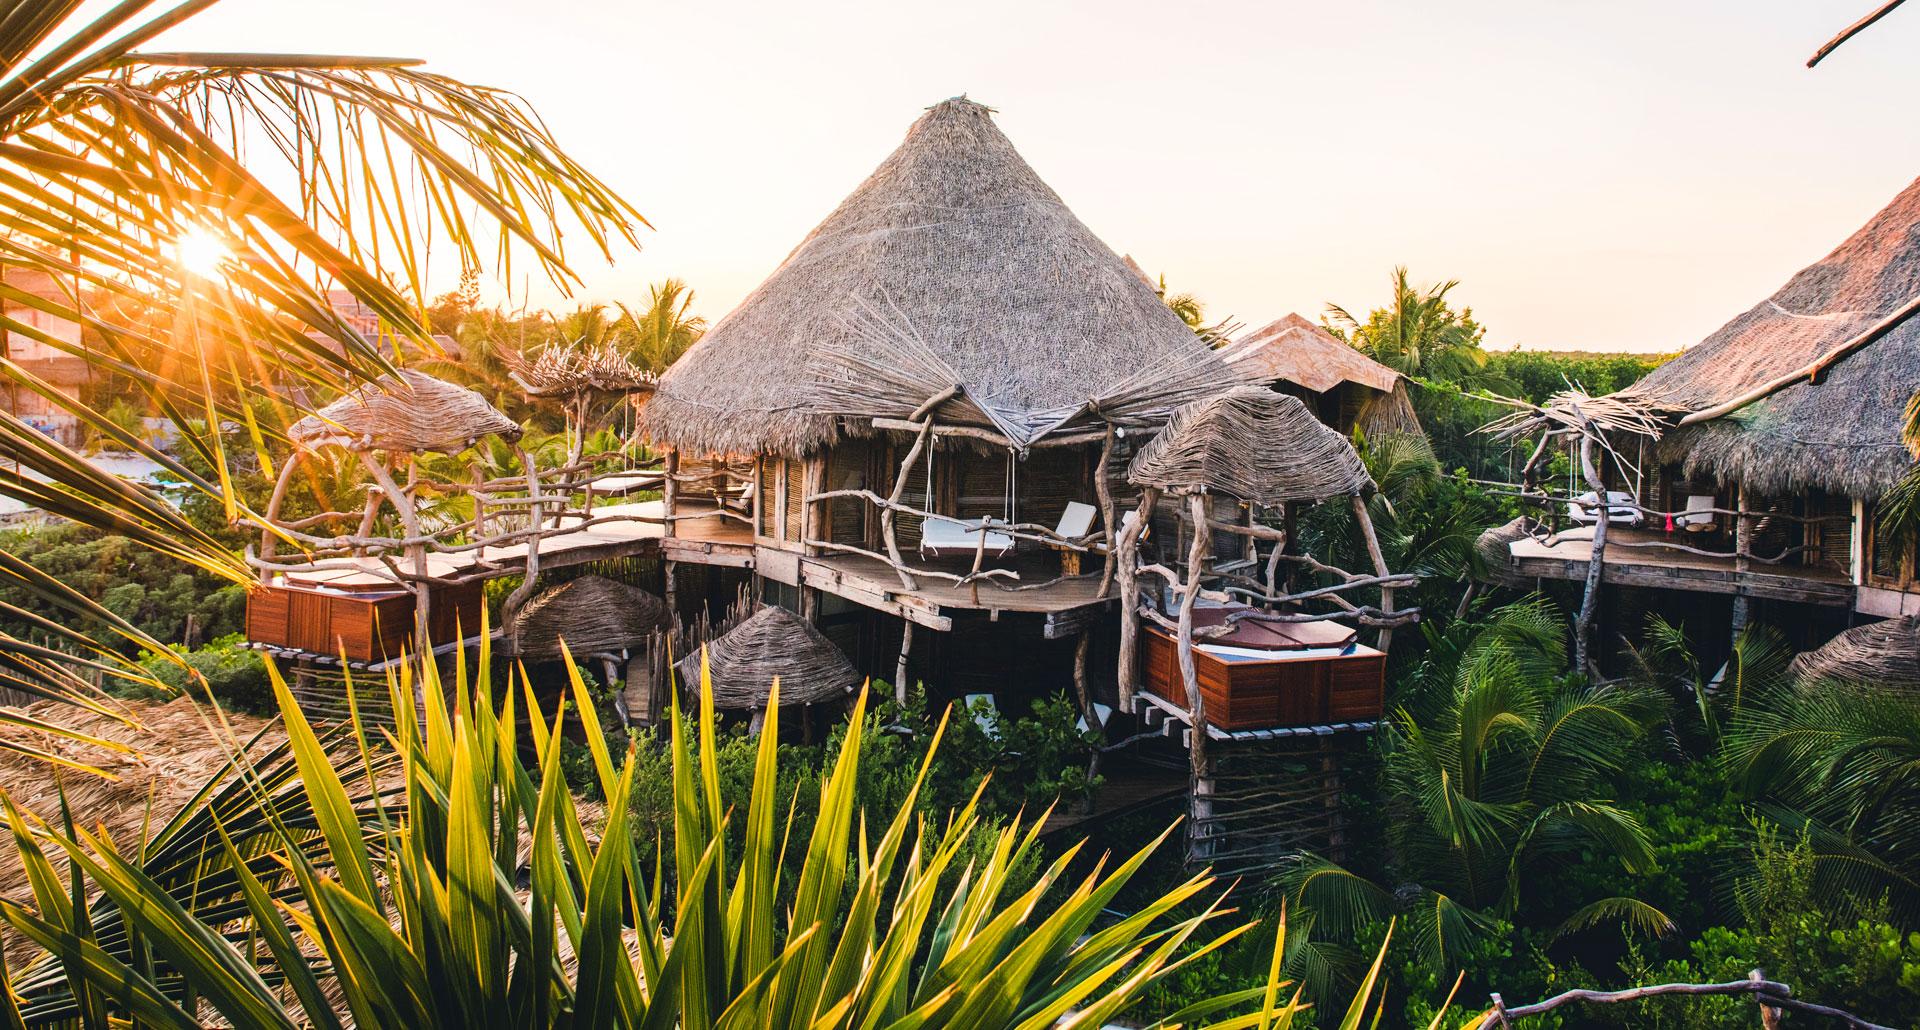 Azulik Resort - boutique hotel in the Tulum